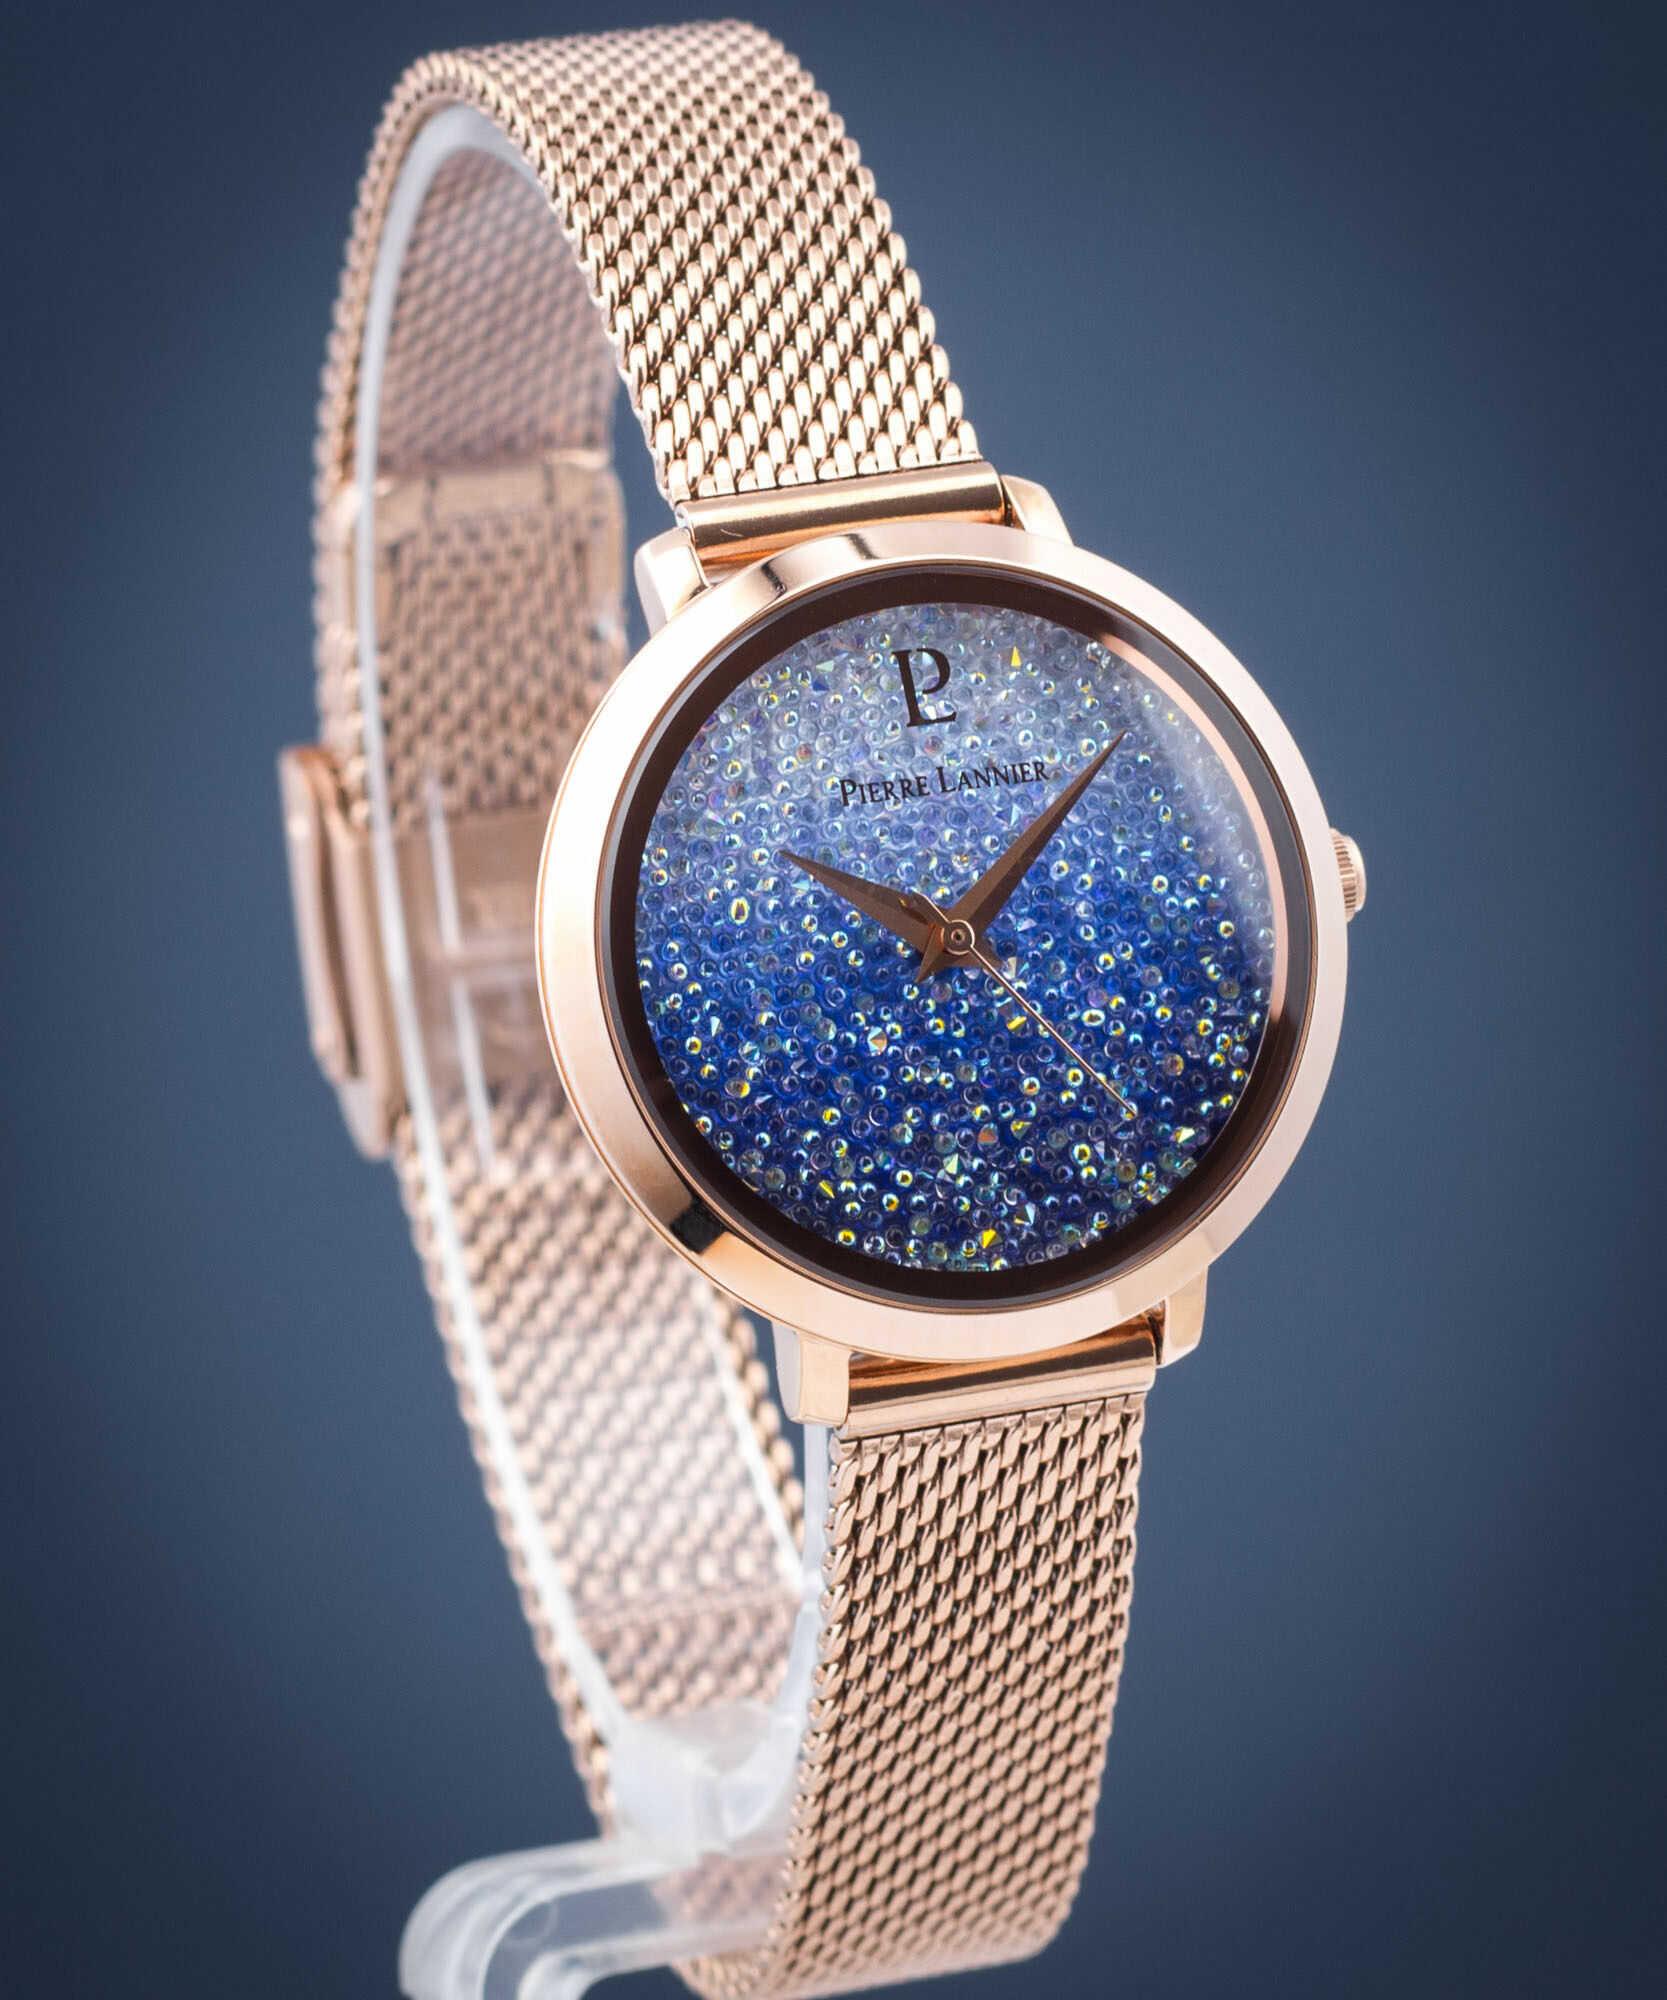 Zegarek damski Pierre Lannier Petie Cristal